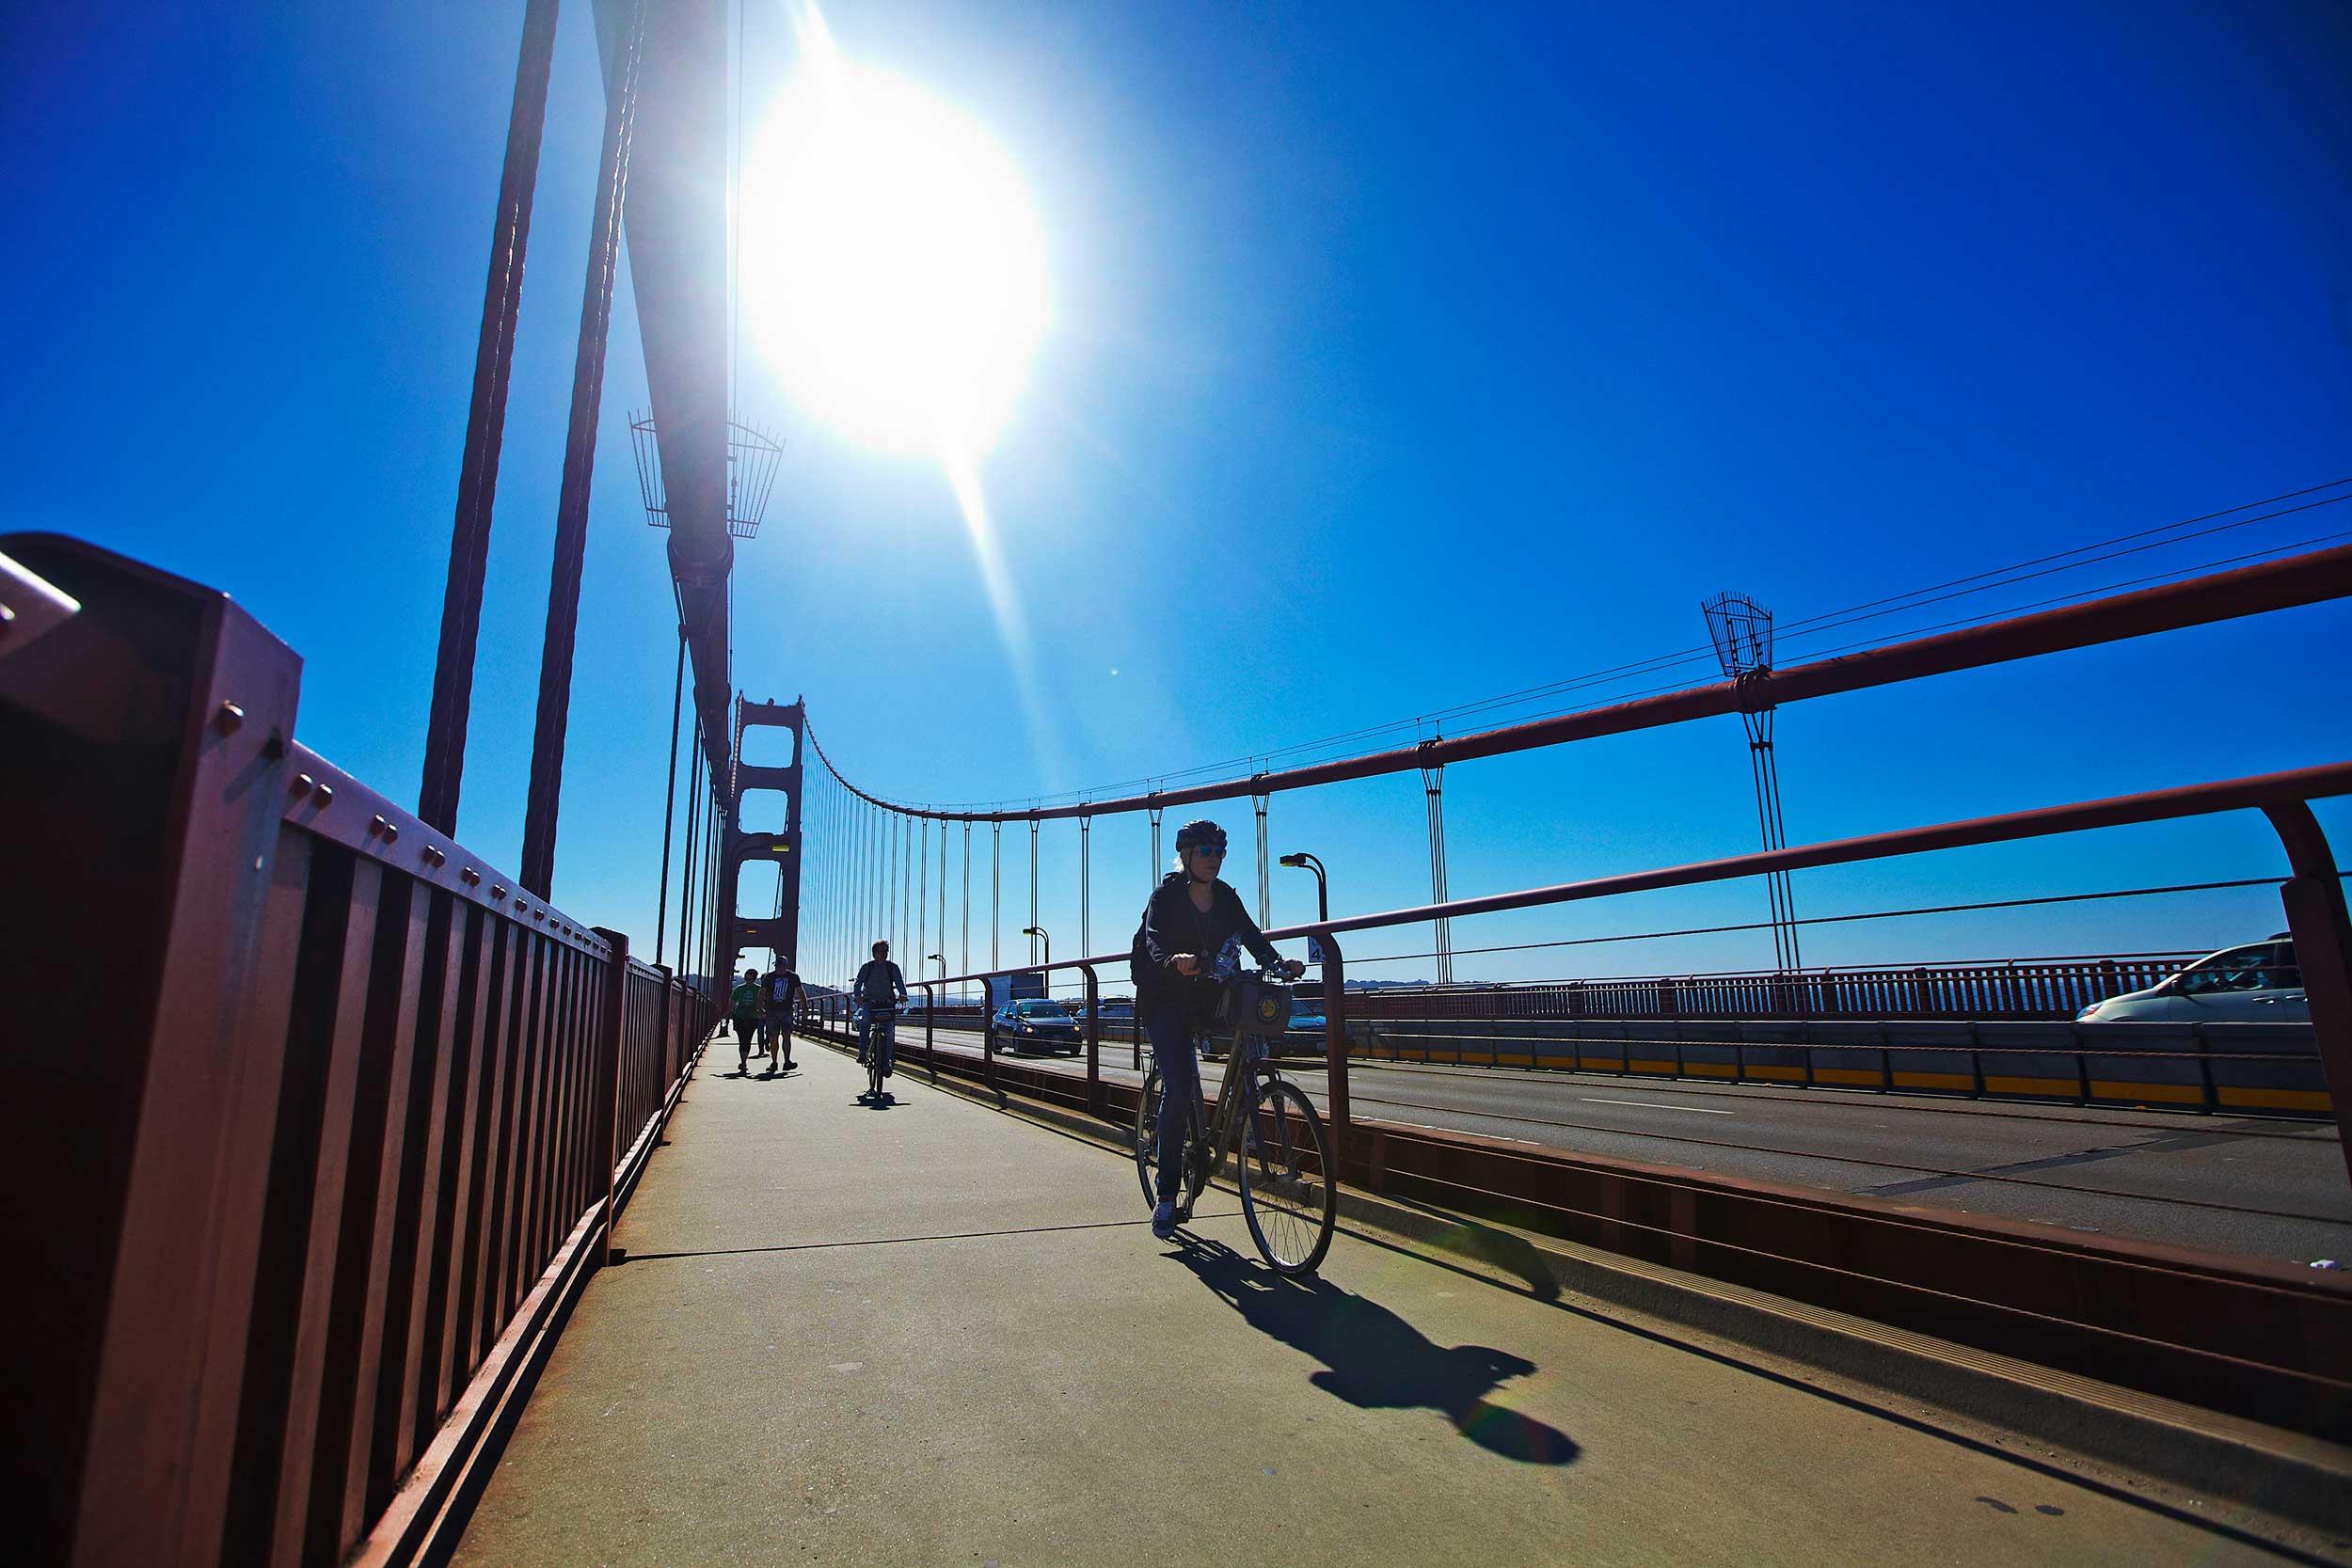 자전거를 타고 시원한 바람을 맞으며 금문교를 건넌 것은 아무리 생각해도 신의 한 수다. © 박정우